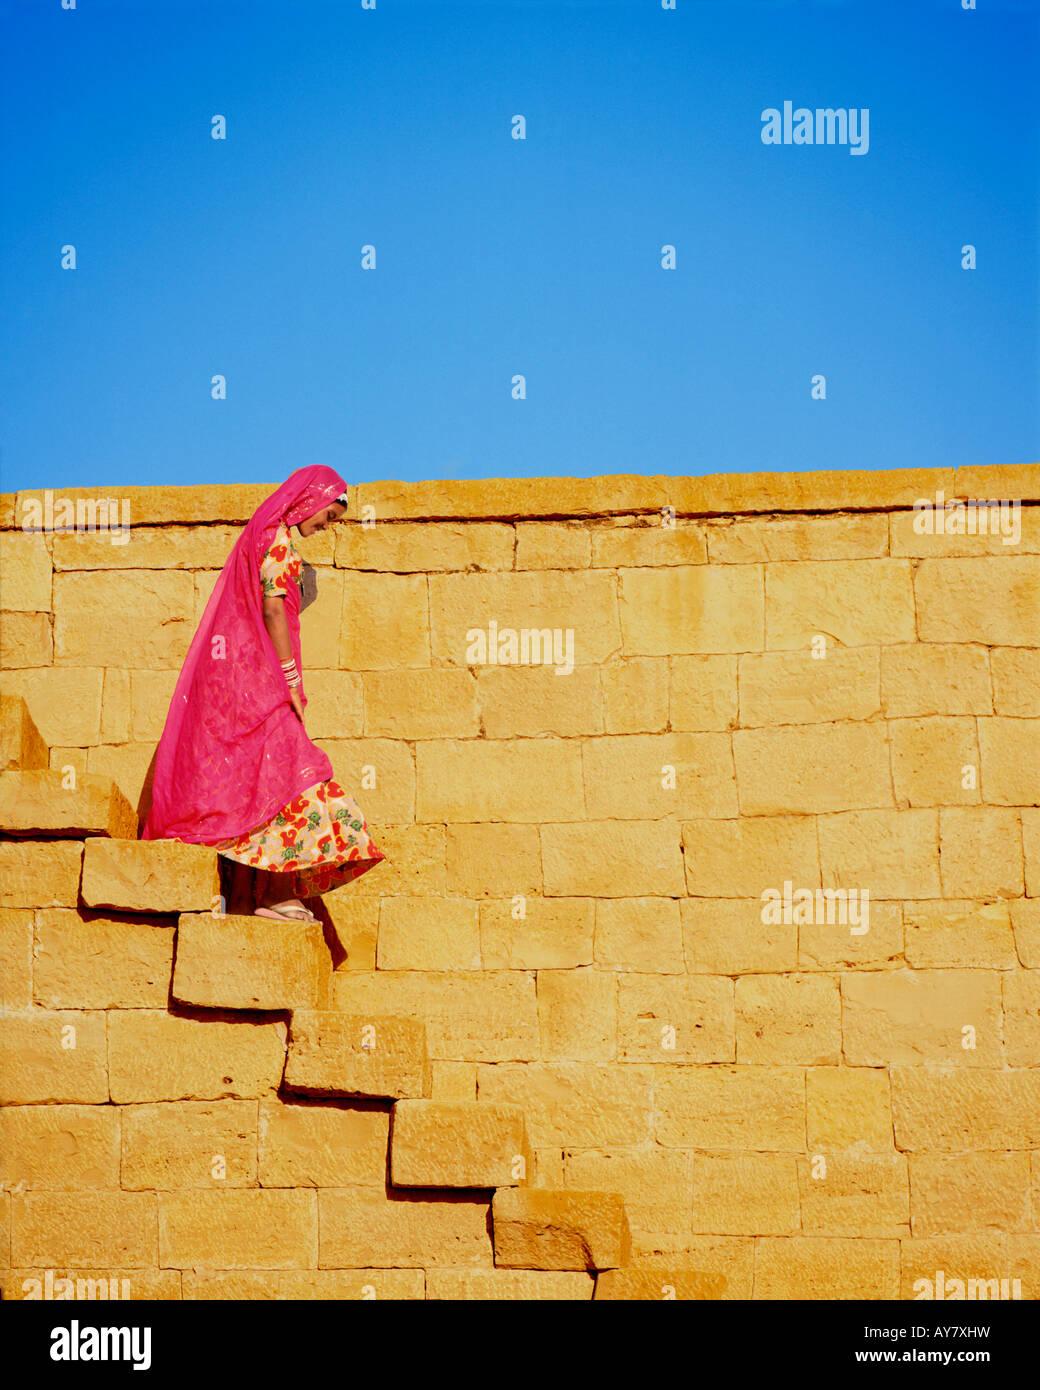 Inderin, einlaufendes, Rajasthan, Indien Stockbild